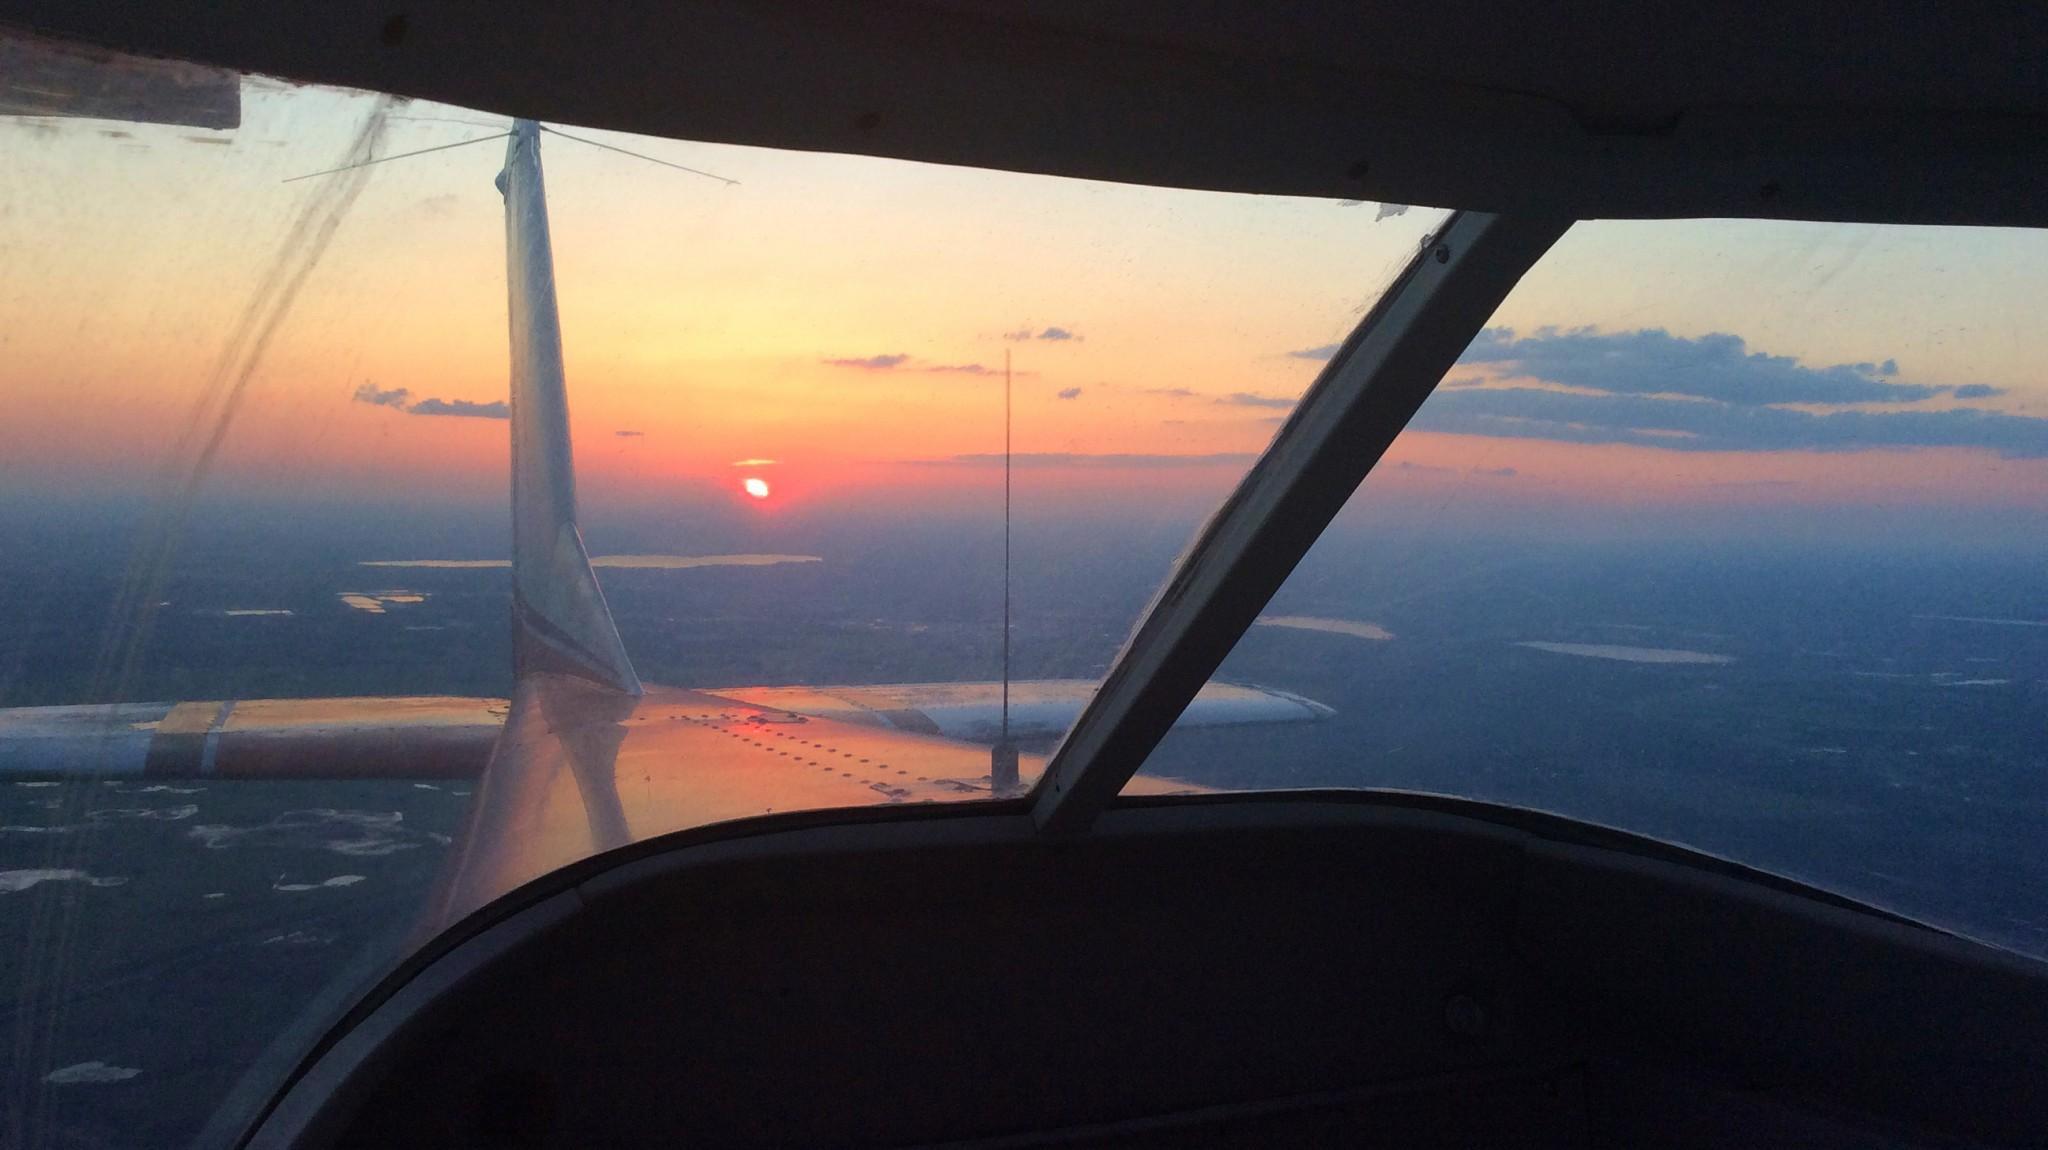 Up next; all about flight training ~ О лётной подготовке в следующей части